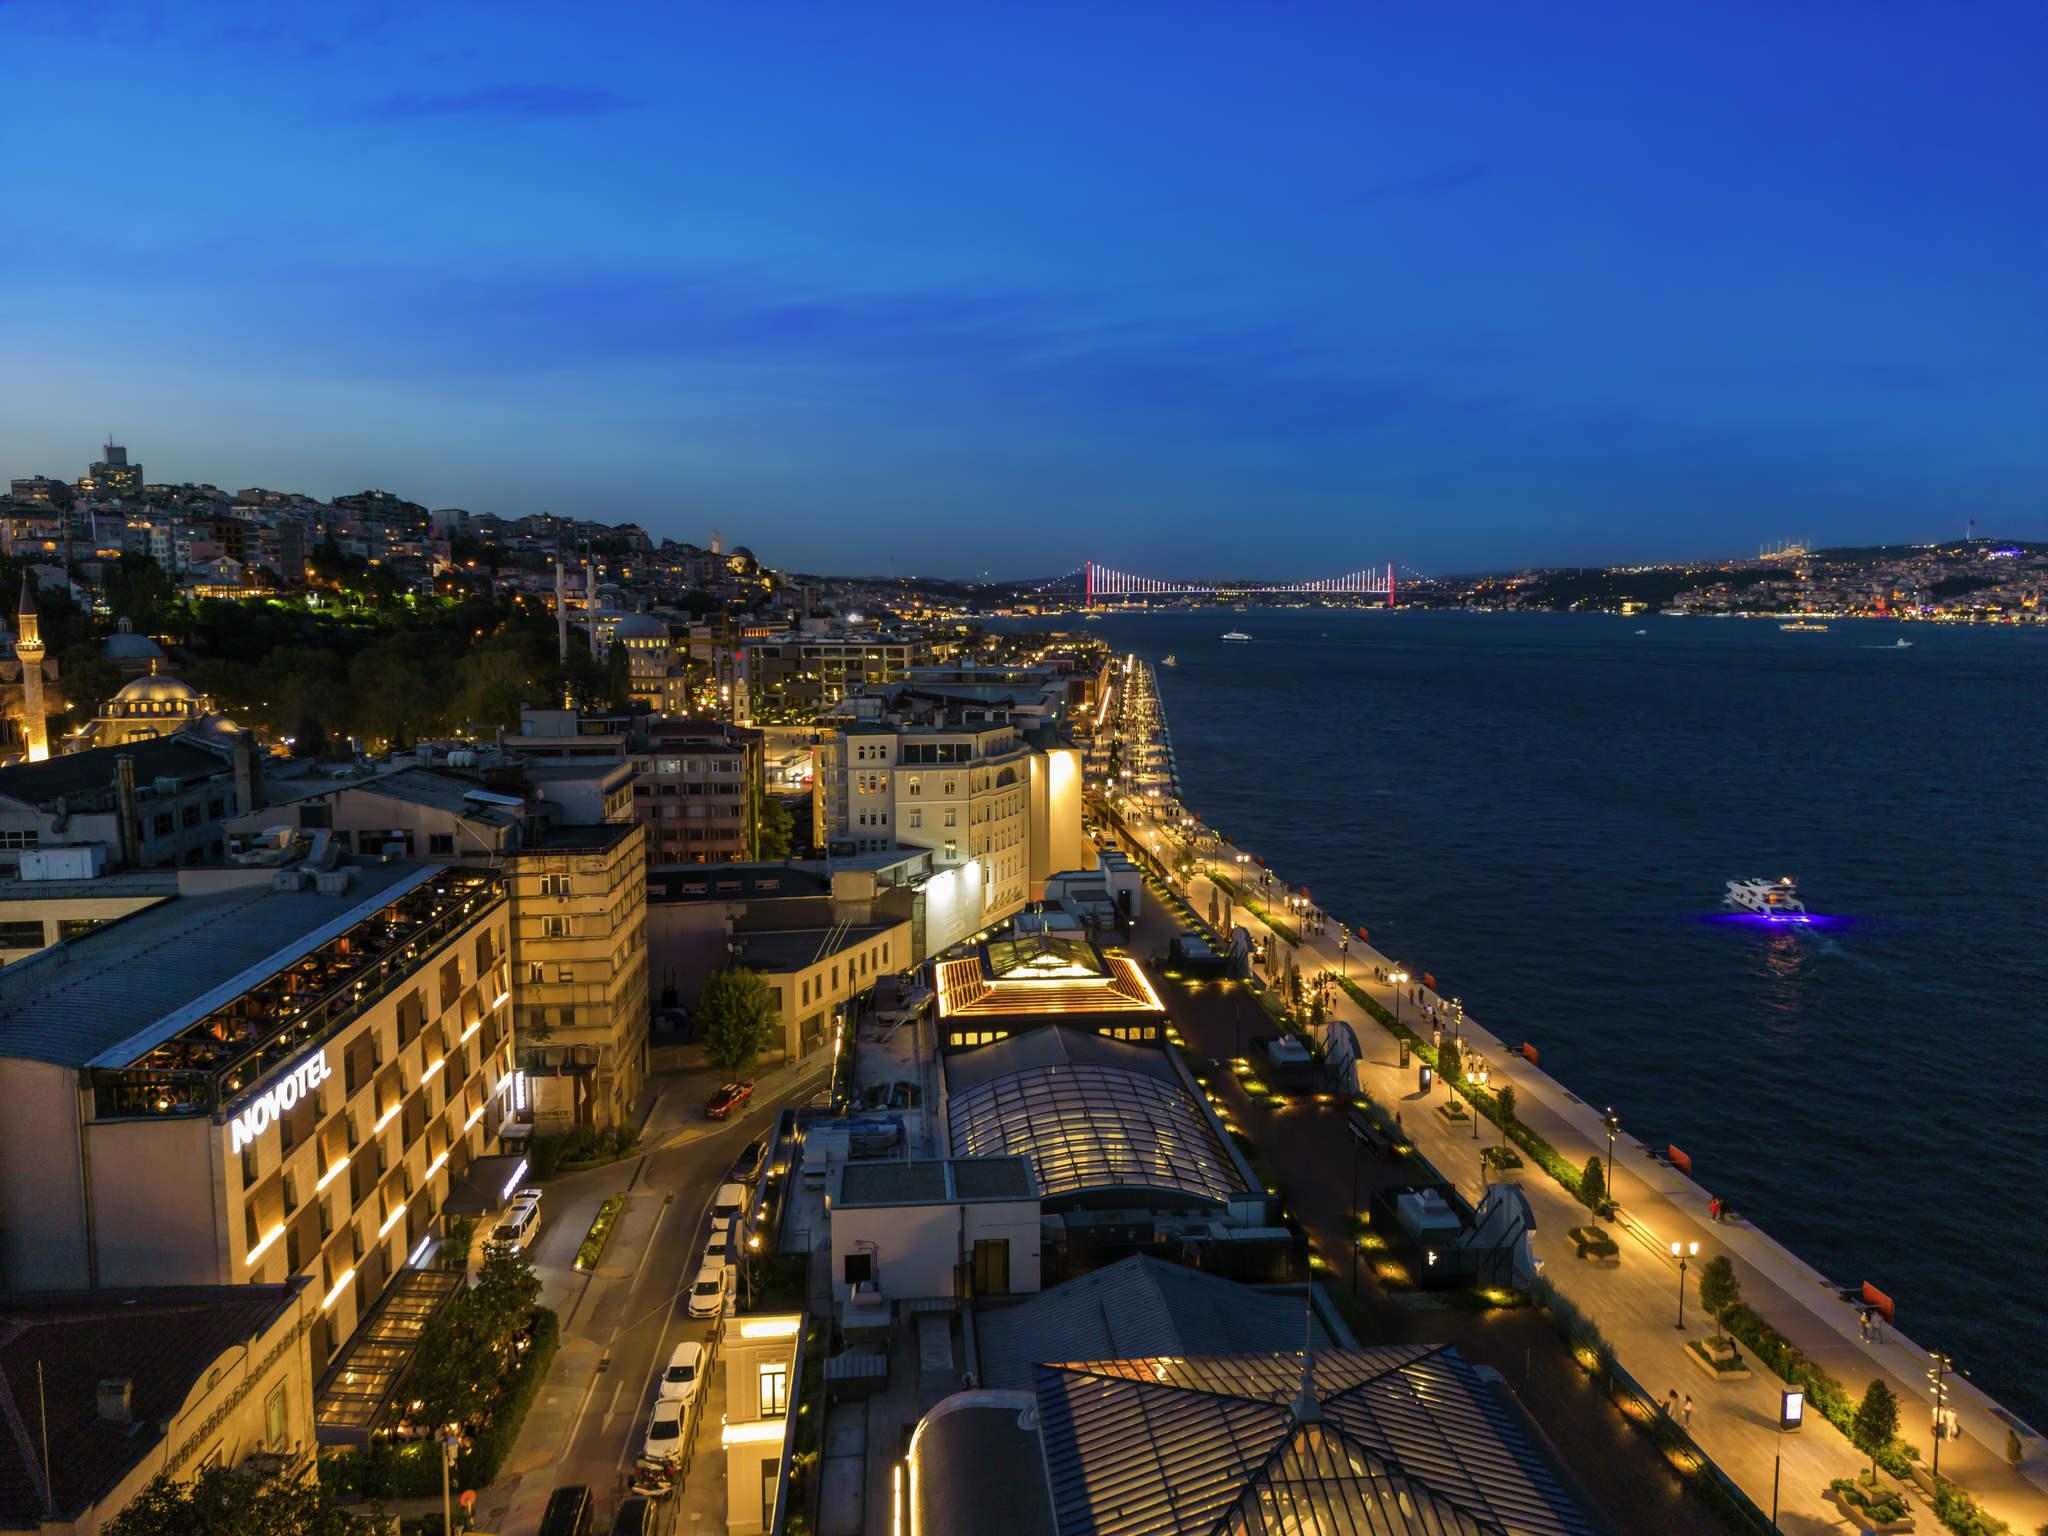 فندق - فندق نوفوتيل Novotel إسطنبول بوسفورس